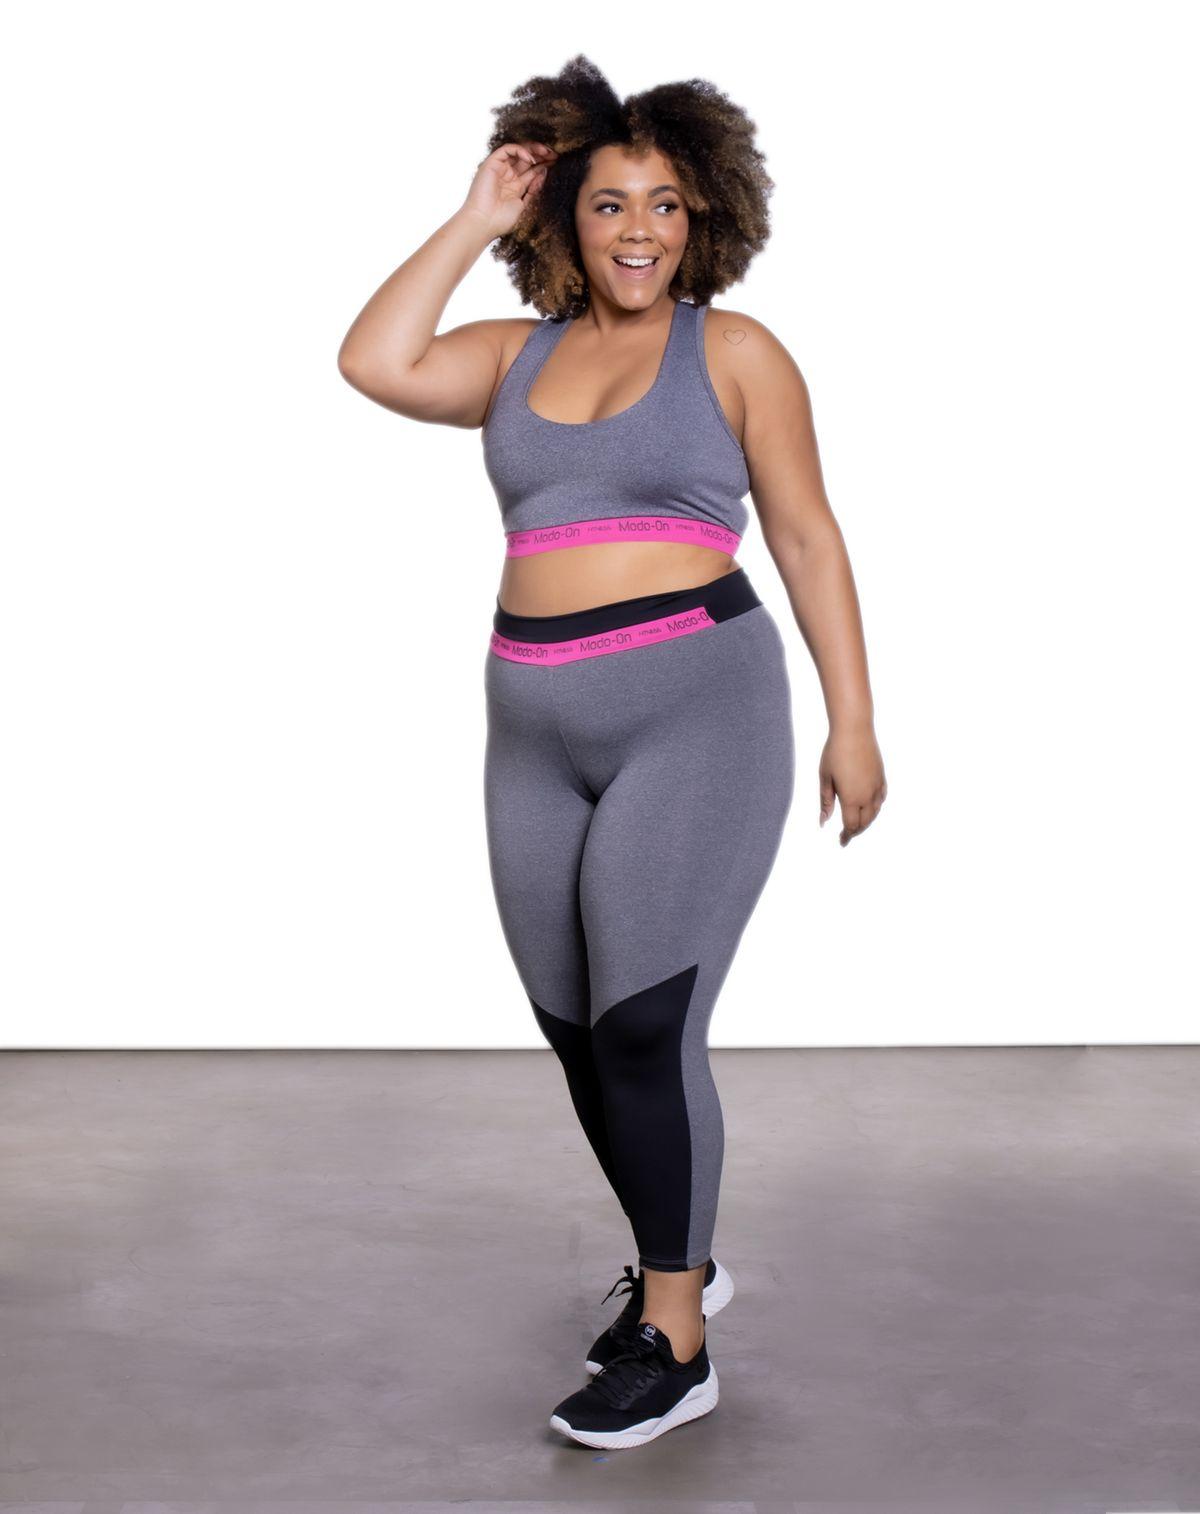 578071003-calca-feminina-plus-legging-fitness-recorte-mescla-g3-660